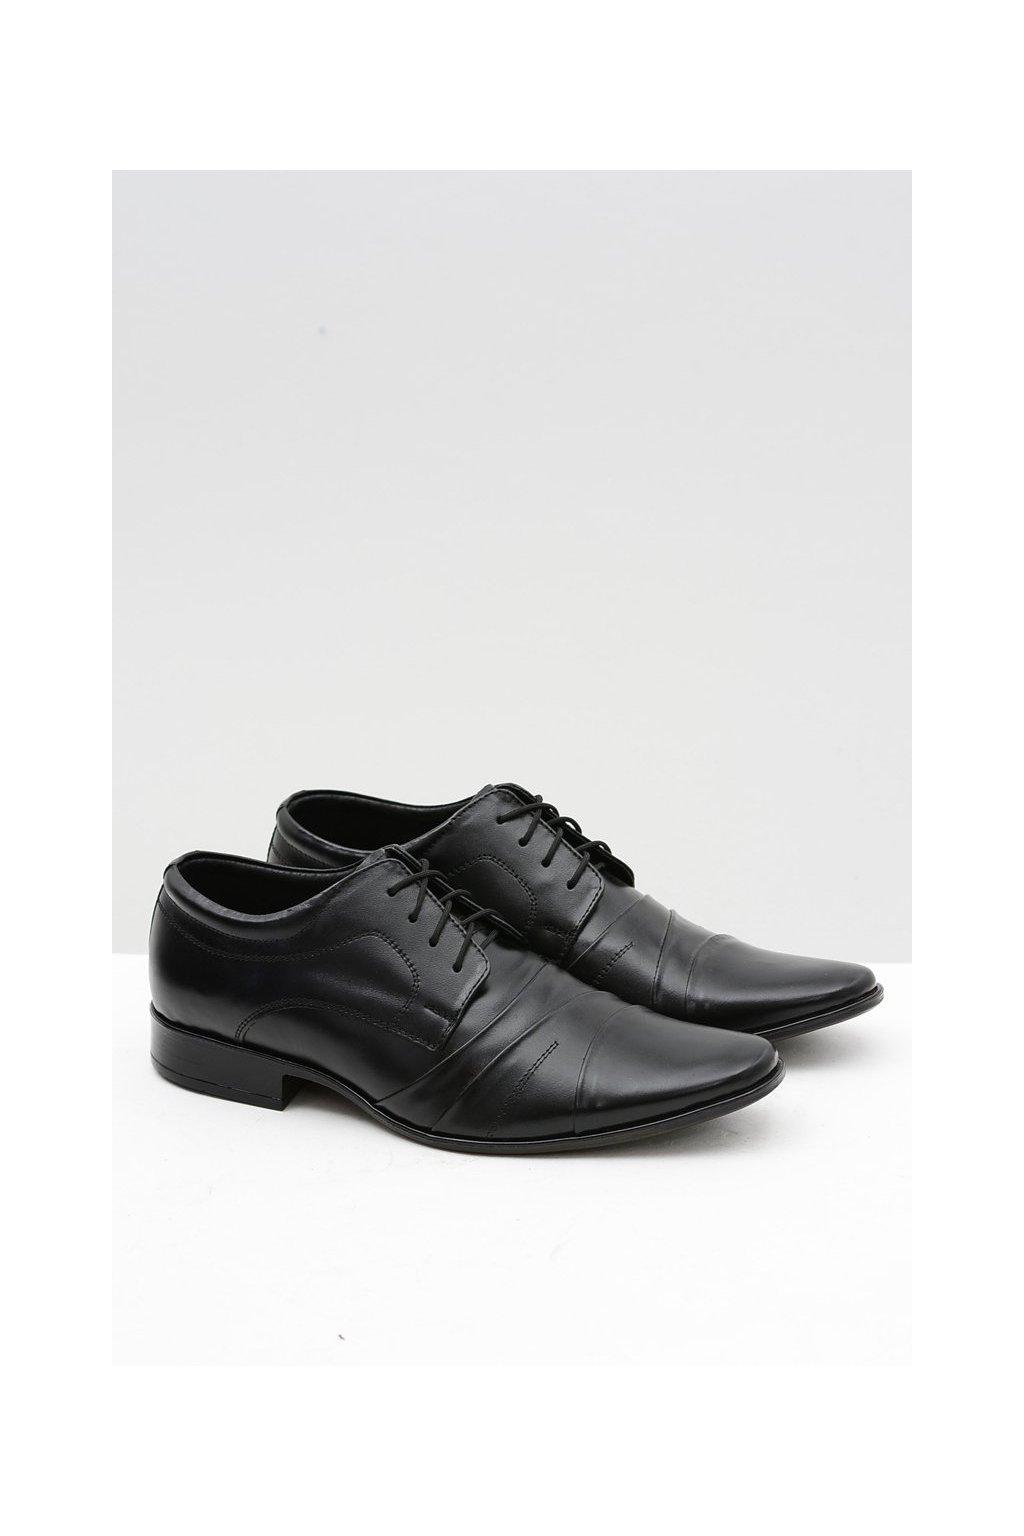 Kožené pánske topánky značky Tito